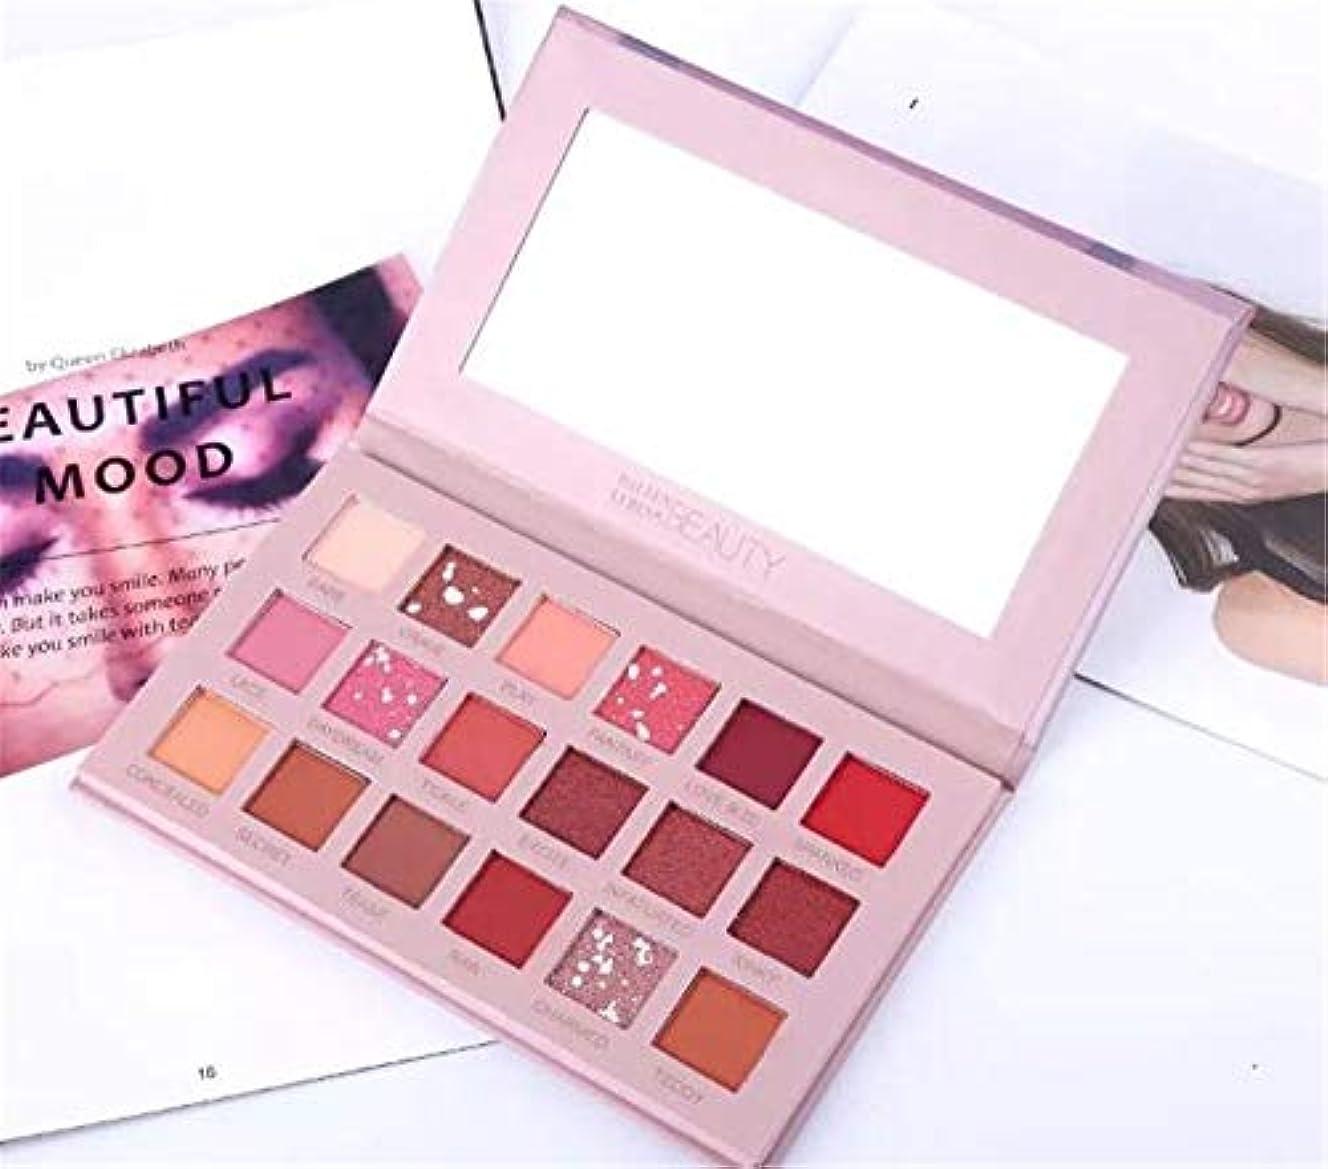 判決ほのかバルコニー18色のアイシャドーの化粧品パールライト砂漠のバラのアイシャドウの美しい化粧品(3つ)